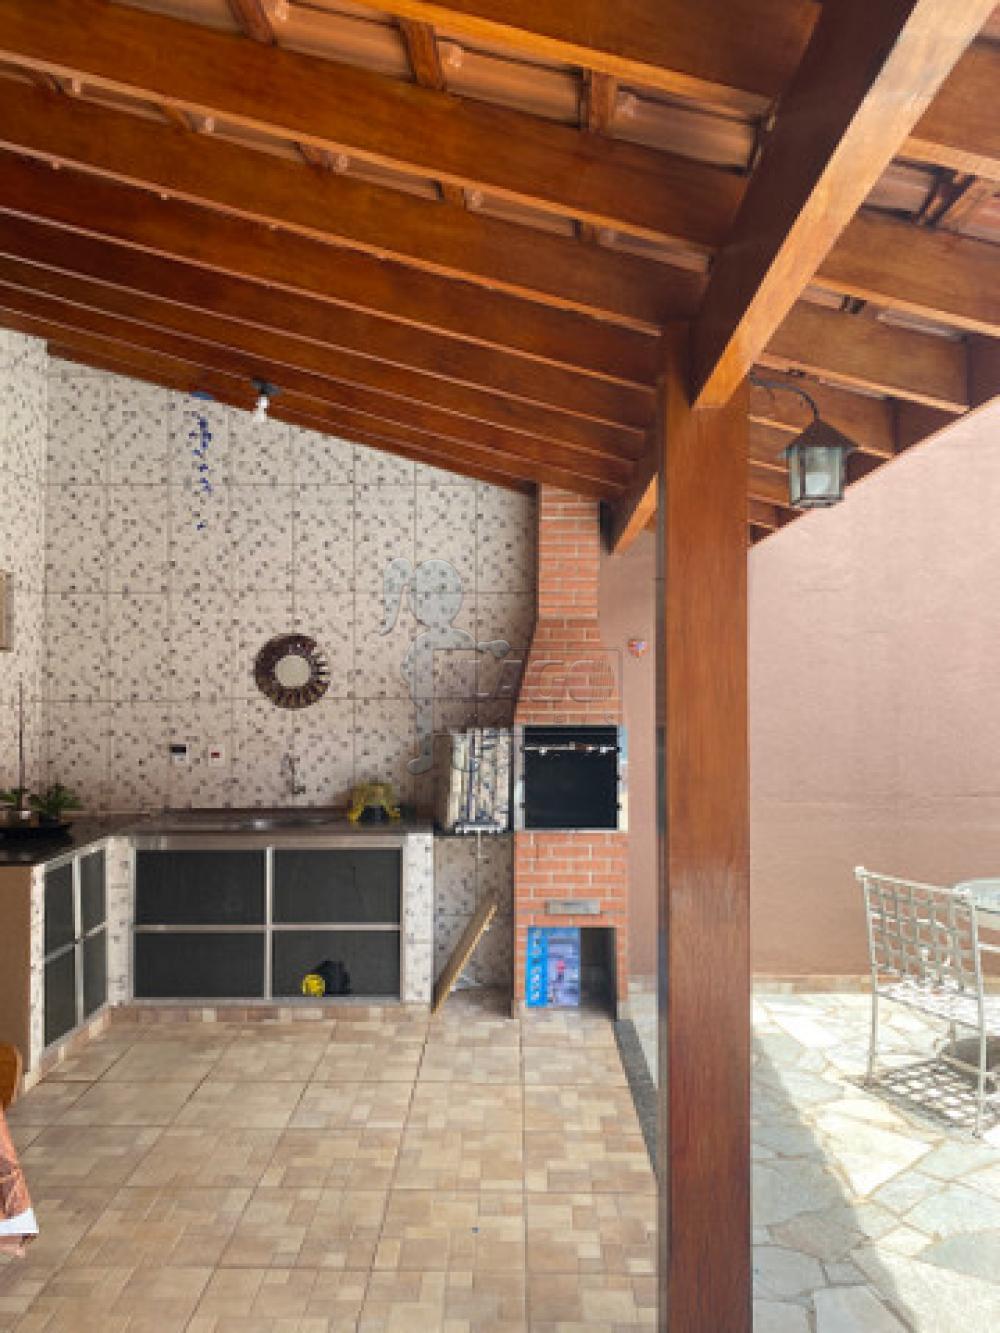 Comprar Casas / Padrão em Ribeirão Preto apenas R$ 415.000,00 - Foto 8